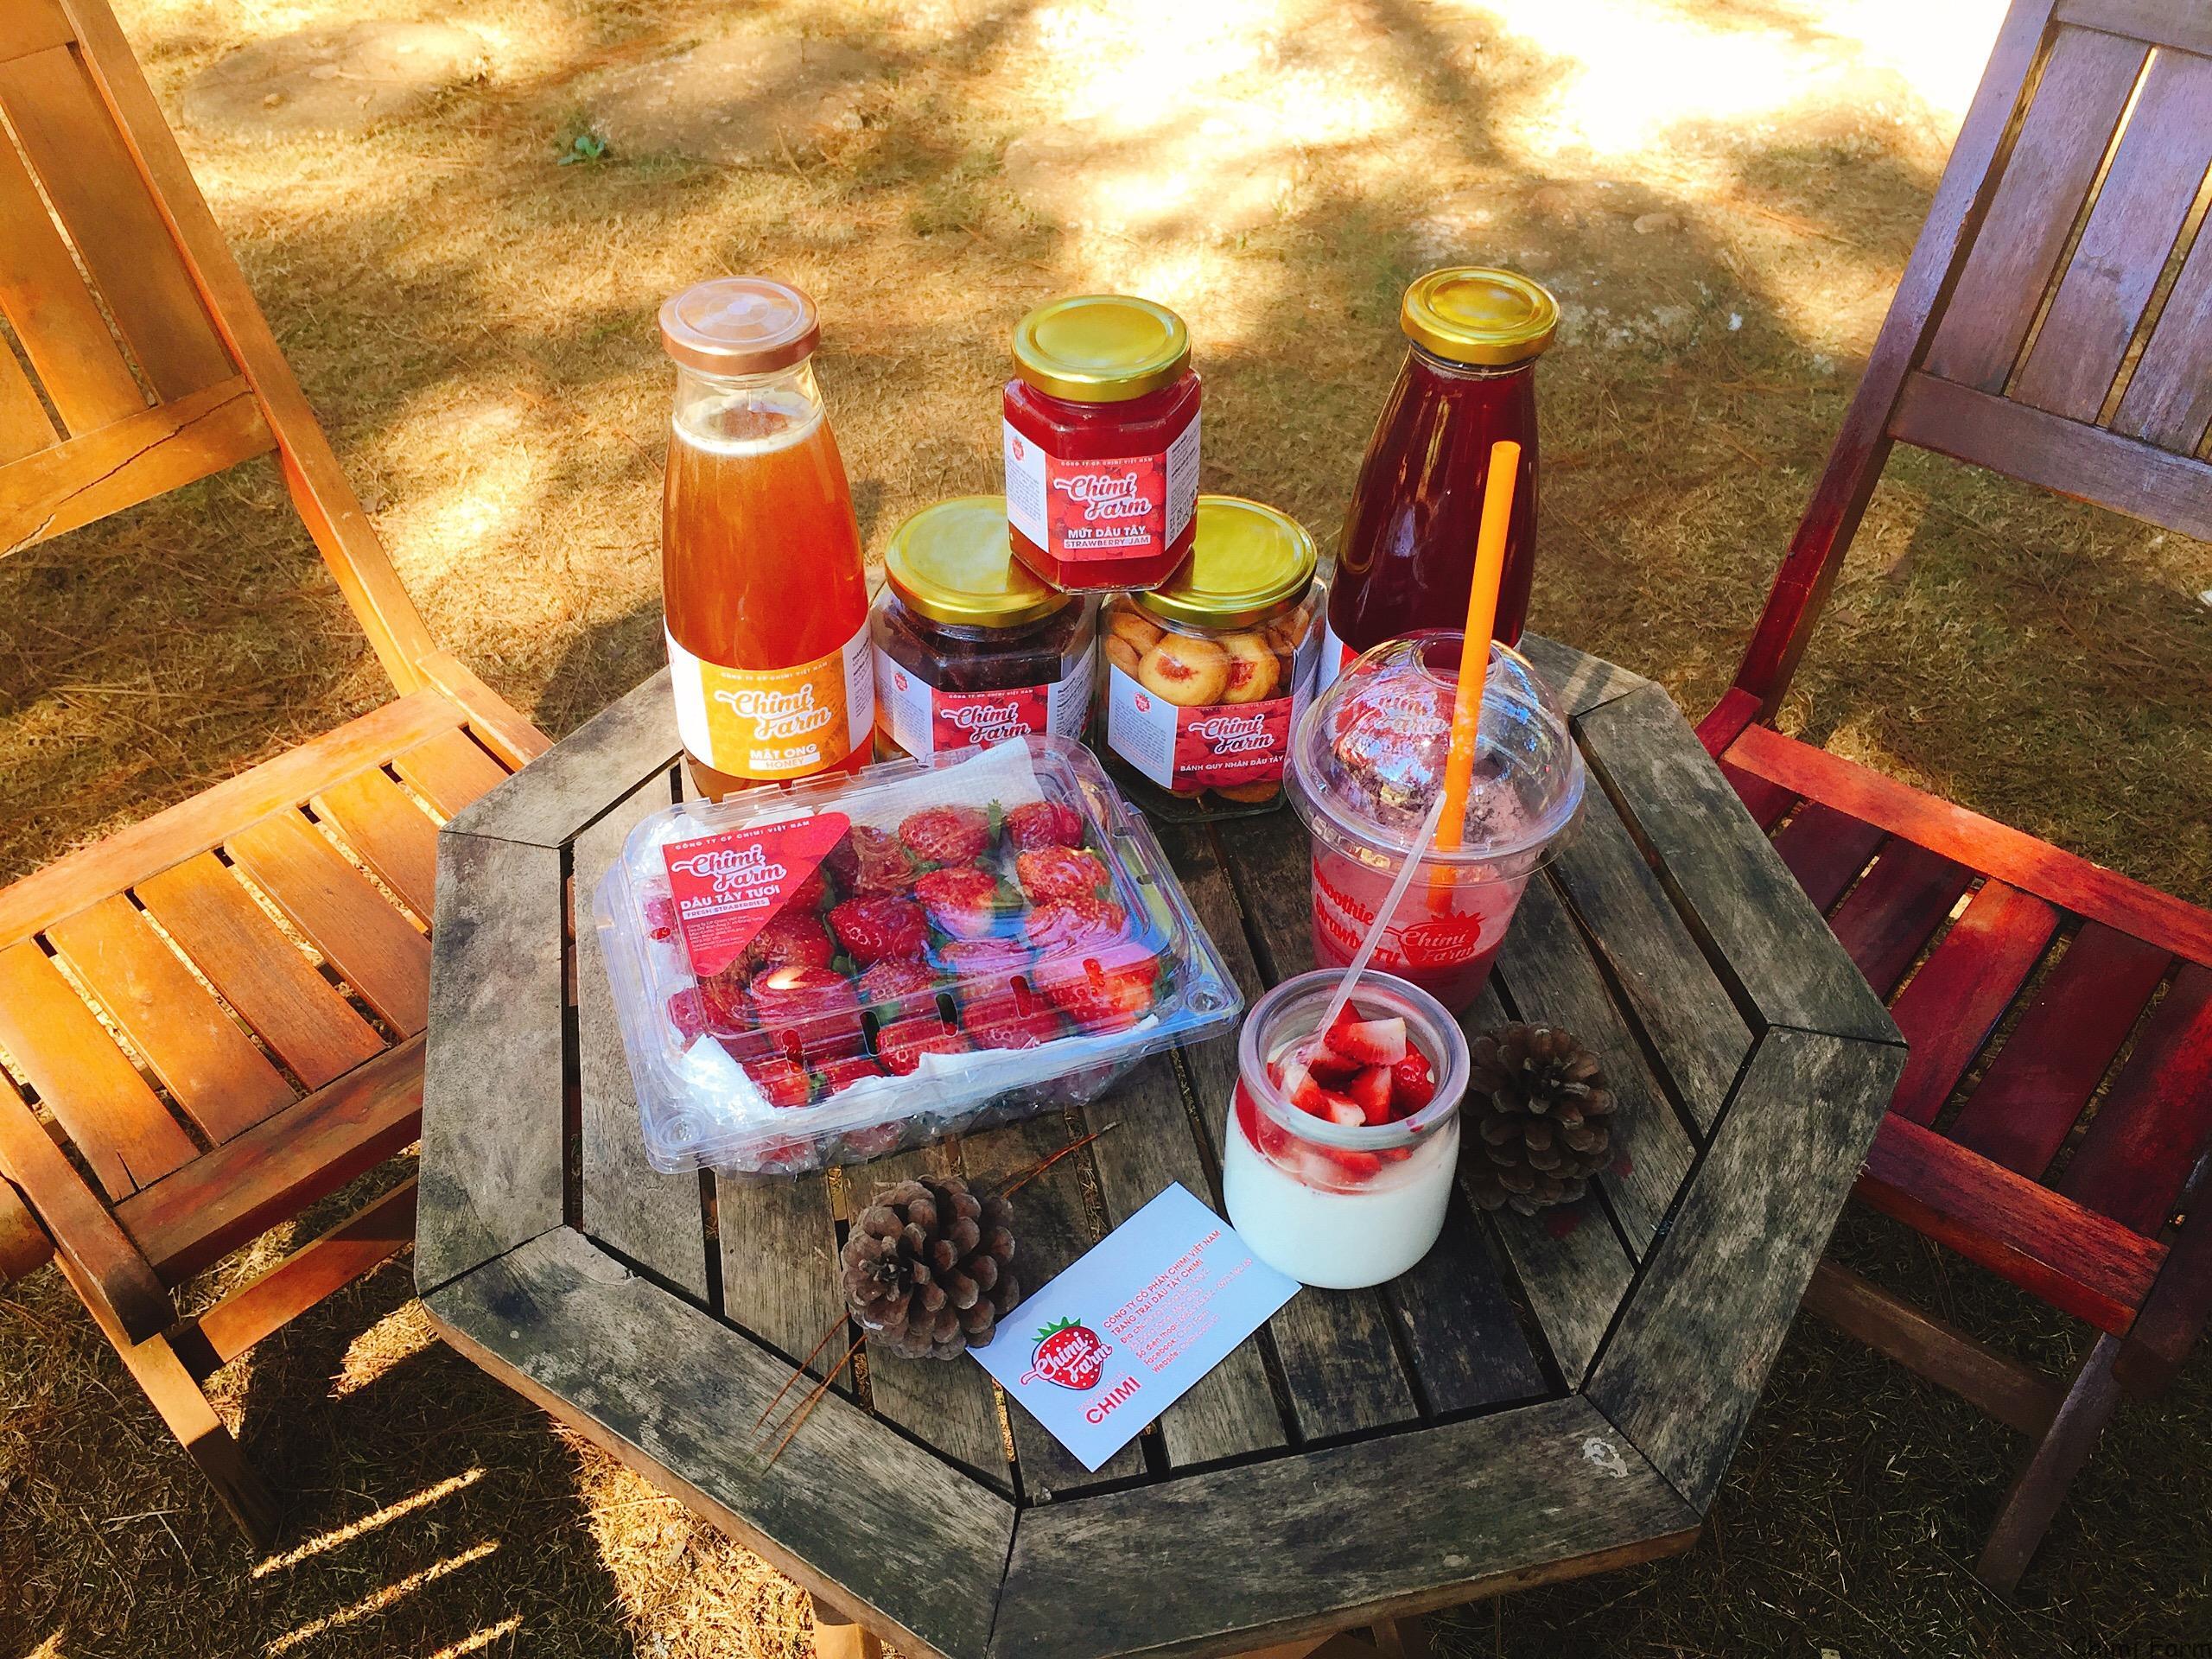 Các sản phẩm chế biến từ dâu tây mang thương hiệu của Chimi Farm